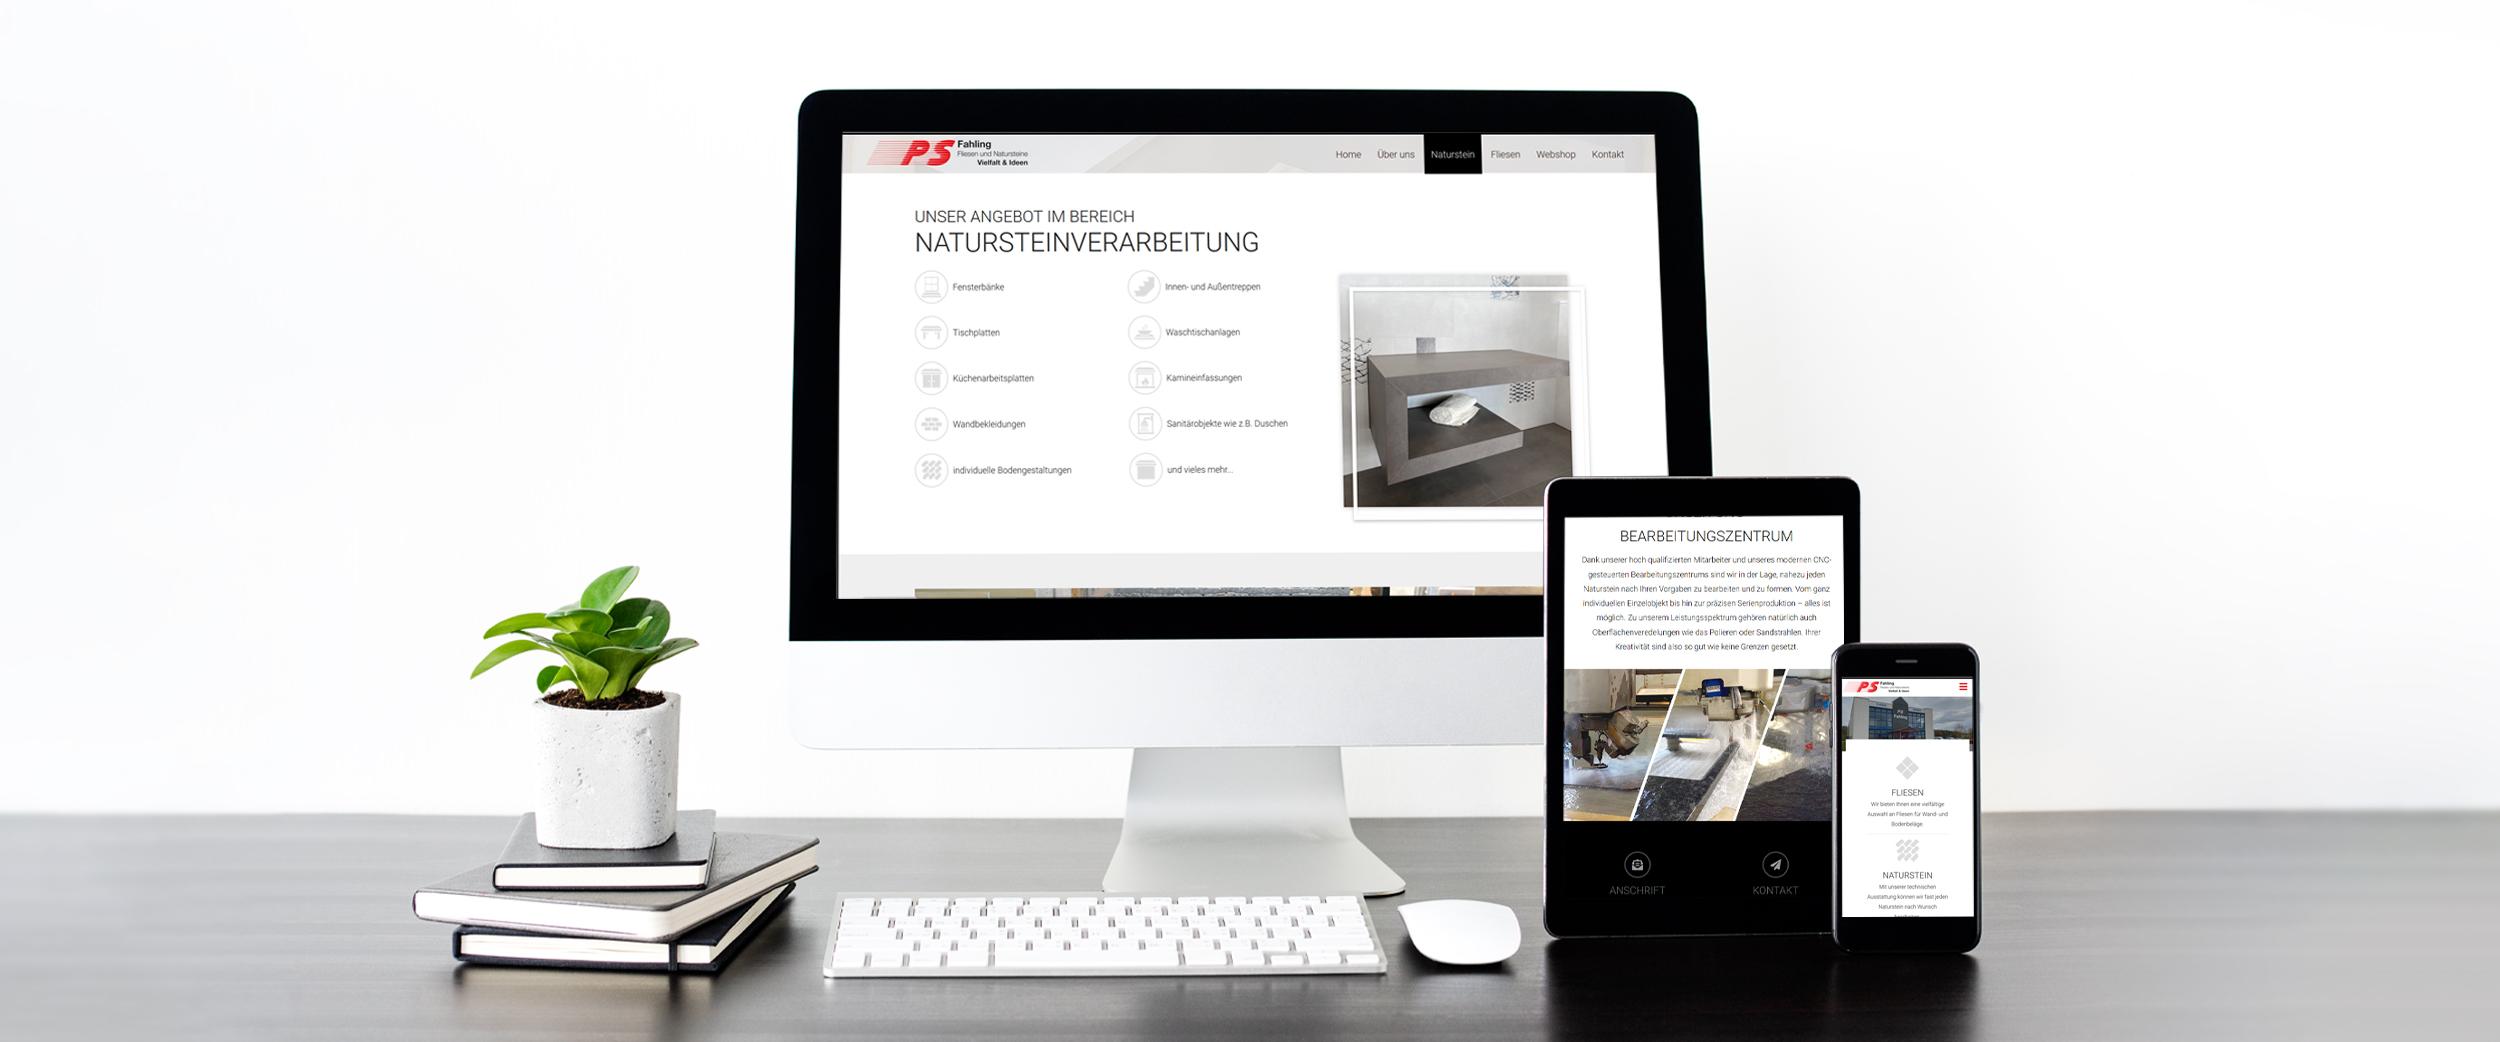 PS Fahling Fliesen und Natursteine GmbH & Co. KG